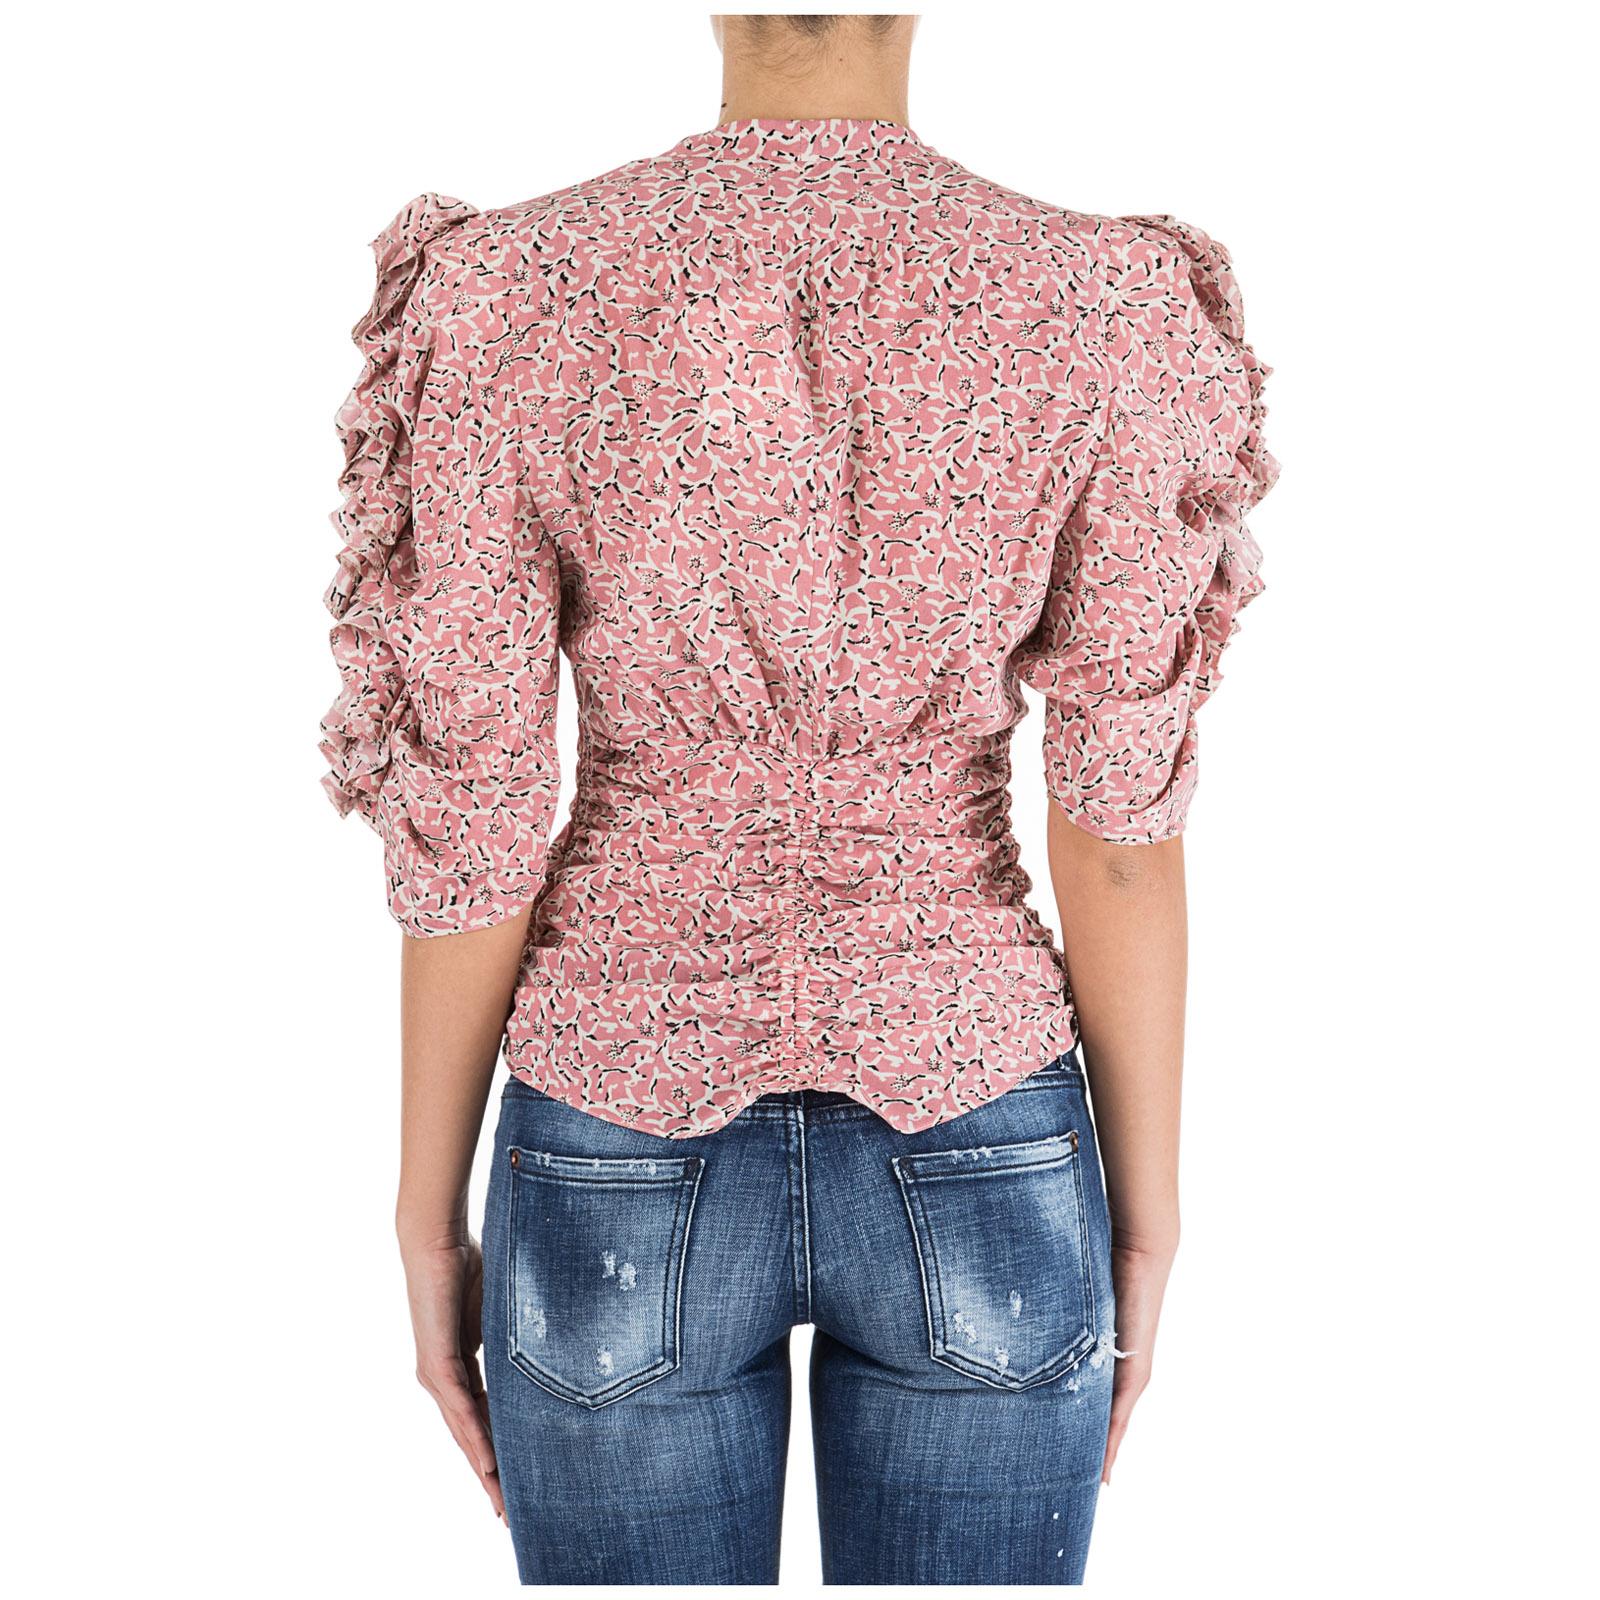 huge discount 31a72 35d7e Camicia donna maniche corte